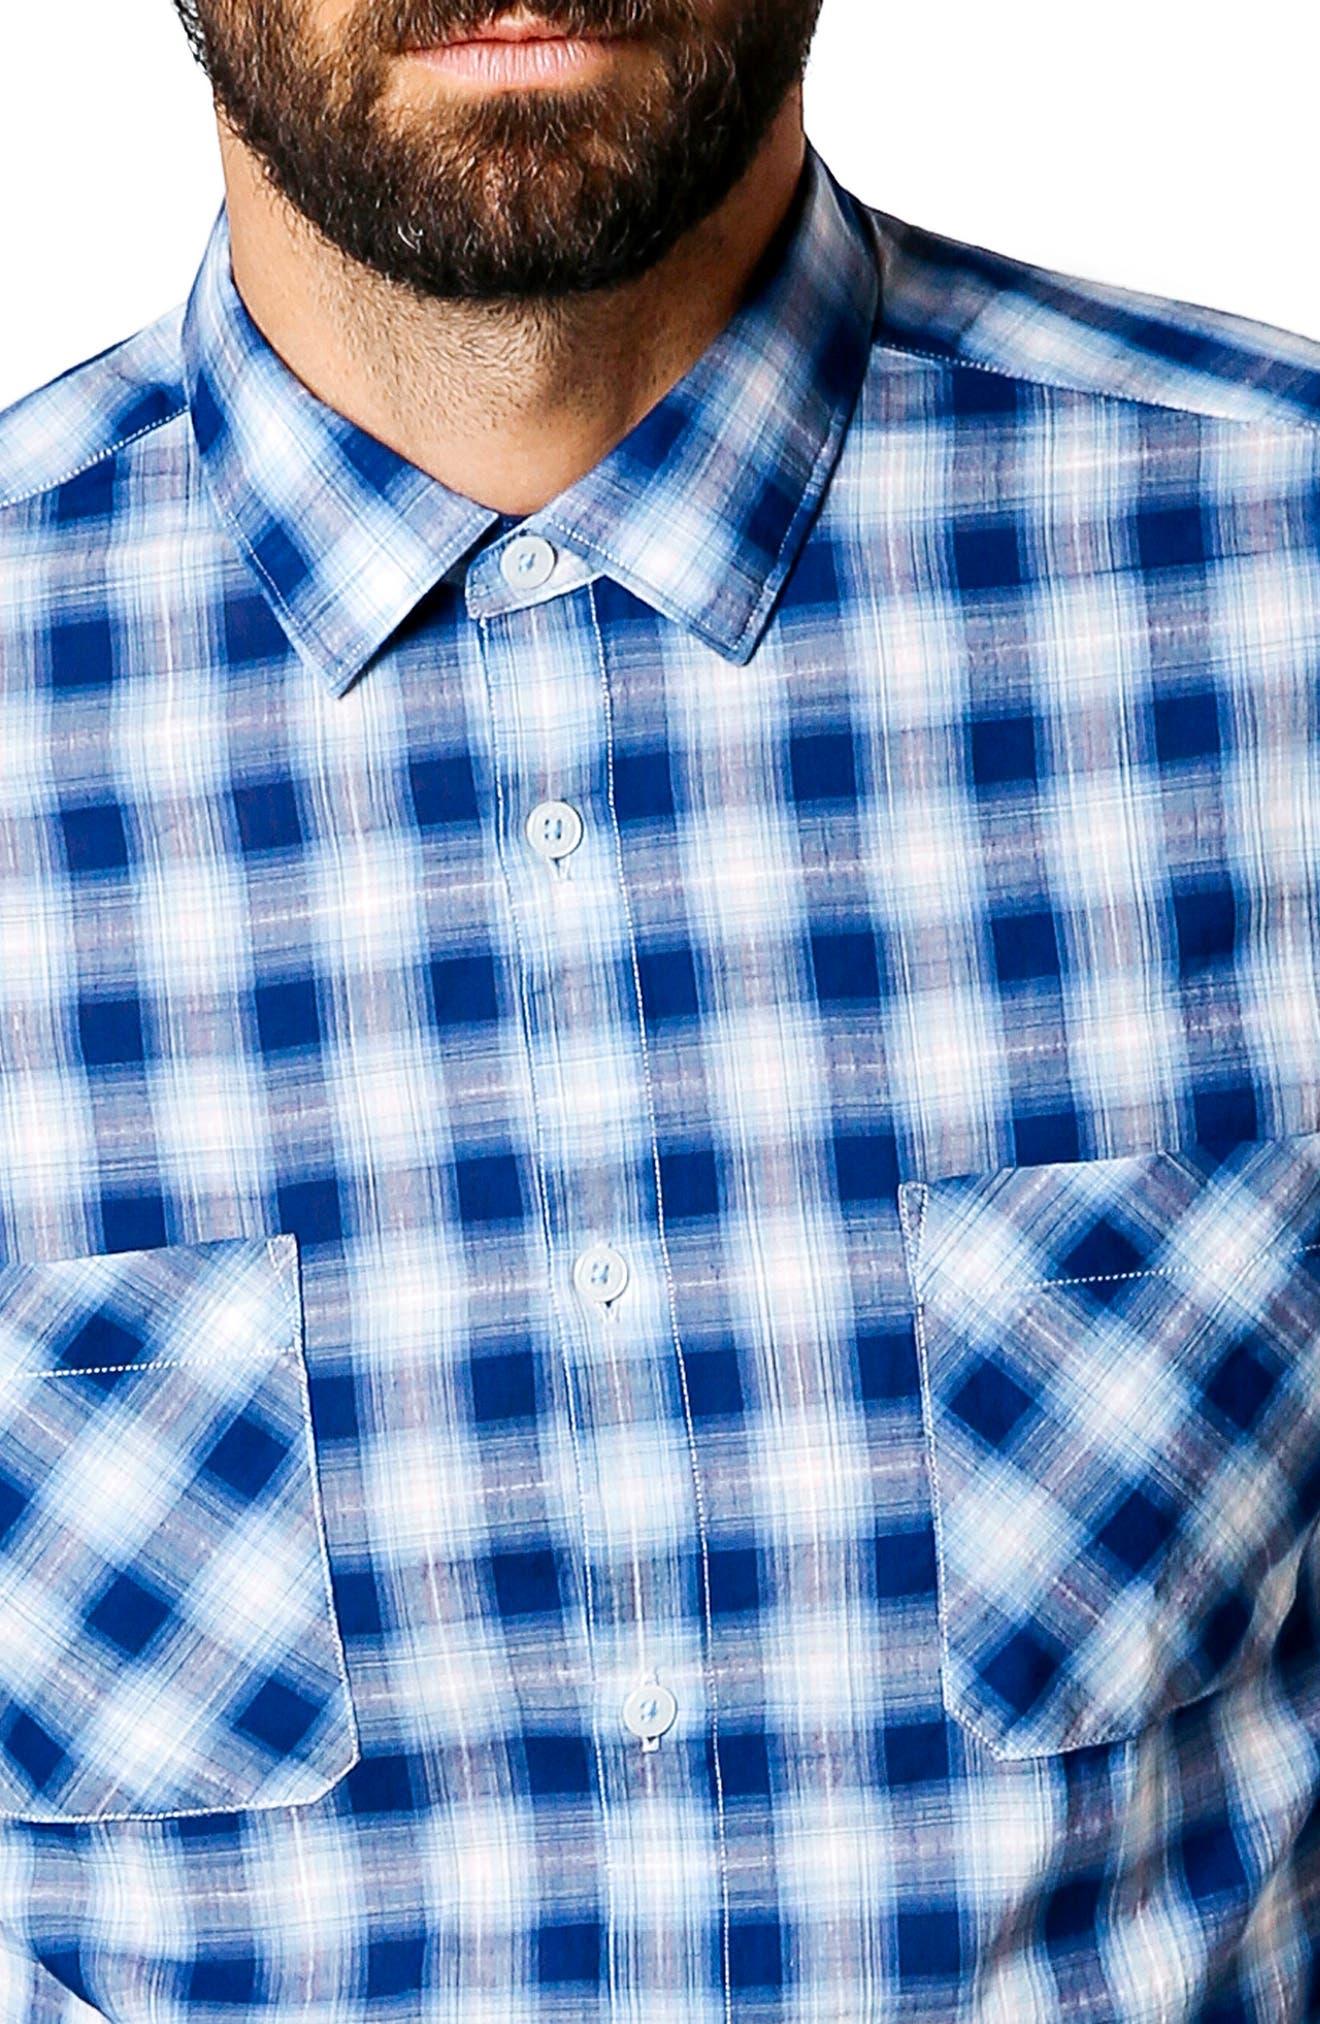 Trim Fit Plaid Sport Shirt,                             Alternate thumbnail 4, color,                             401